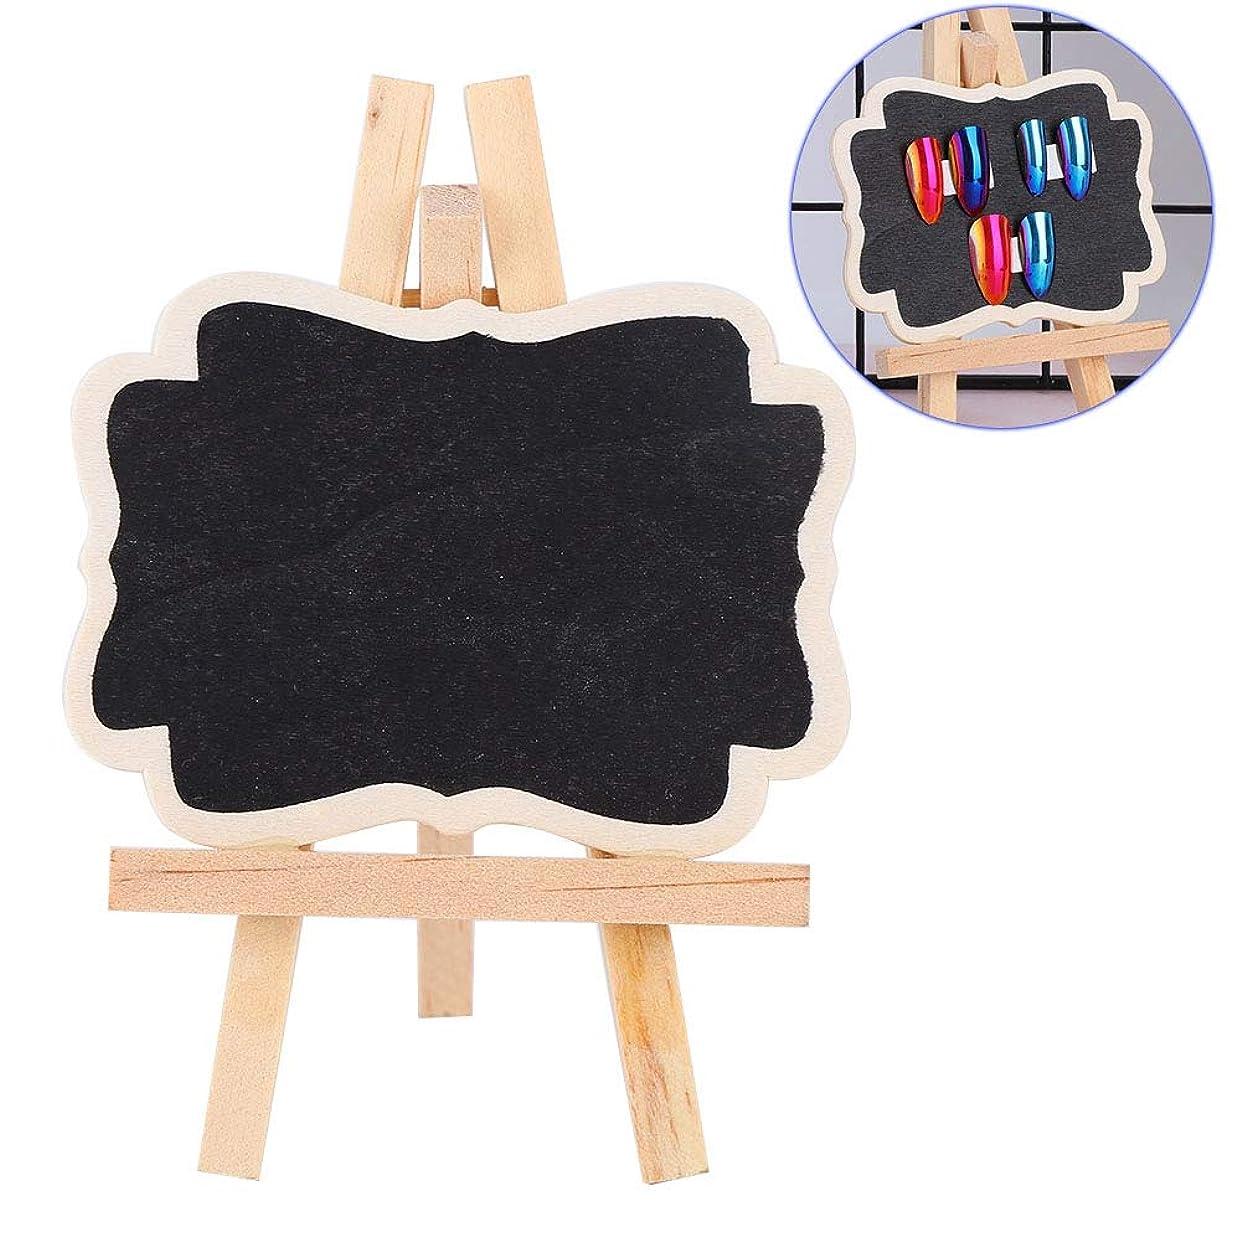 許さないヒョウ広げるネイルアート ディスプレイ スタンド 両面 ネイルアートディスプレイスタンド ジェル ポリッシュカラーショーケースフレーム 黒板